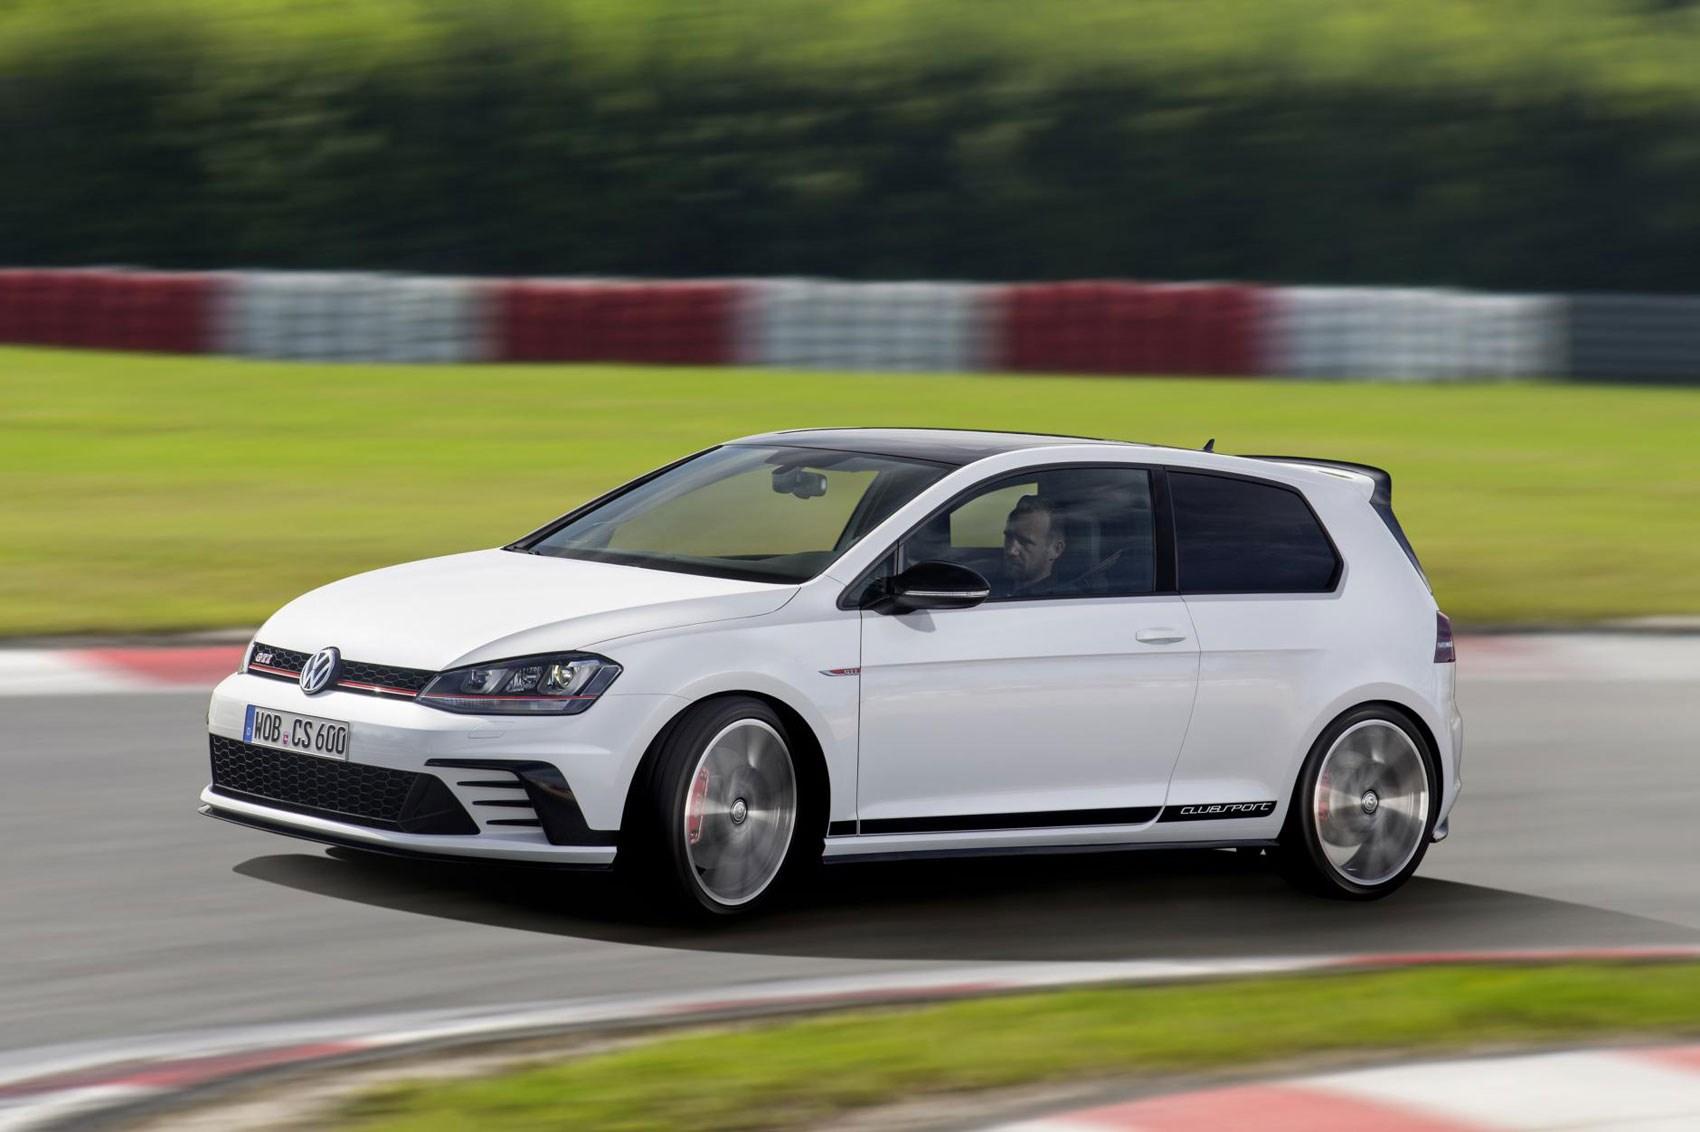 2016 Volkswagen Golf GTI Clubsport Performance Test